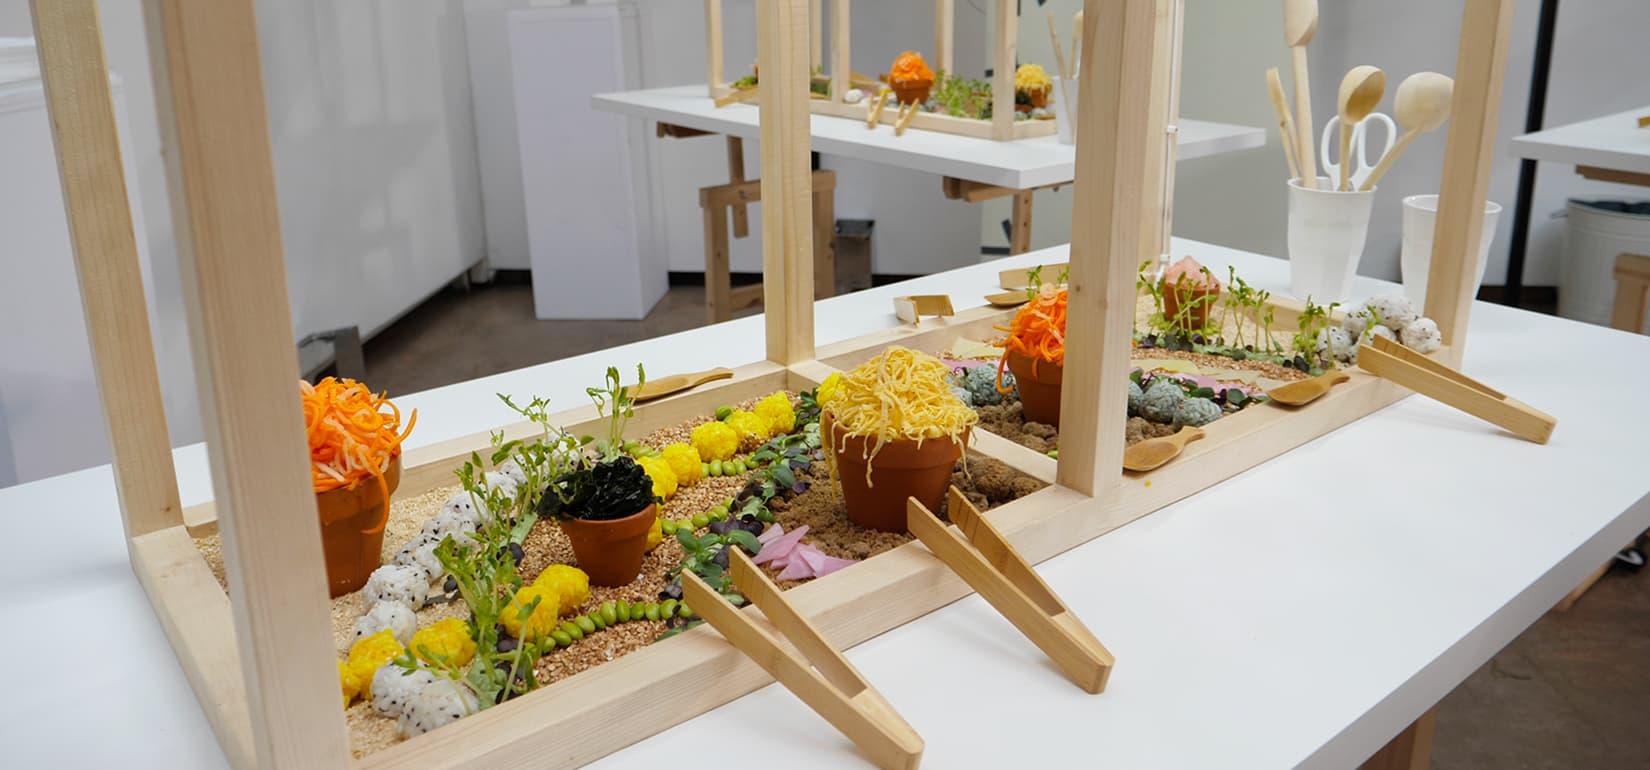 Le jardin comestible permet de récolter et de manger les éléments qui le composent. C'est une installation culinaire créée dans une serre en bois. Il s'agit d'une invitation à la découverte du design culinaire et des goûts japonais pour la marque de comestique Shiseido.